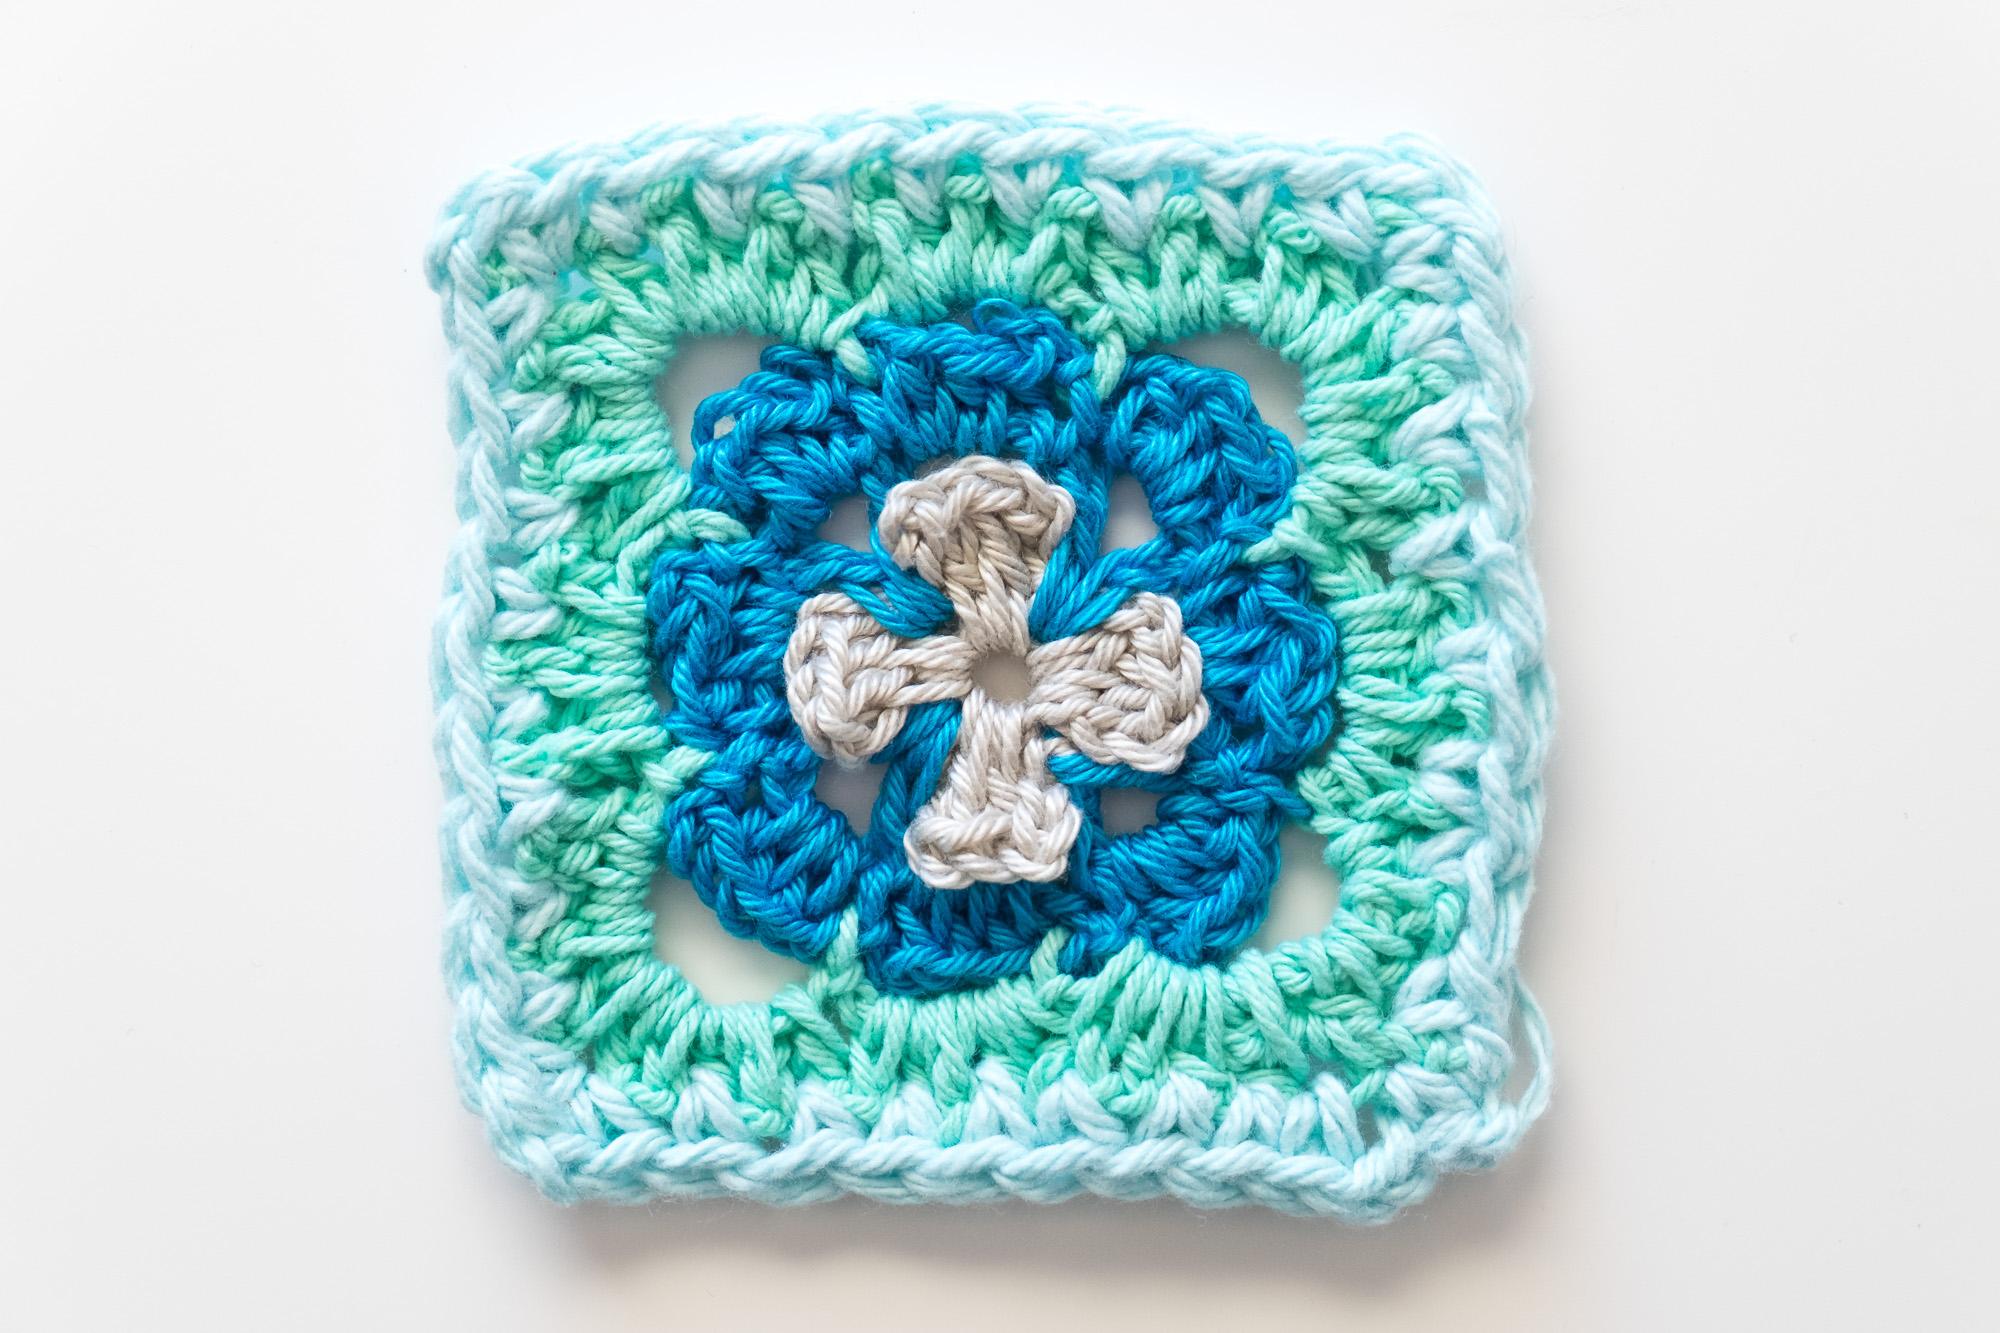 Granny Square con forma de flor en el interior en color azul y turquesa